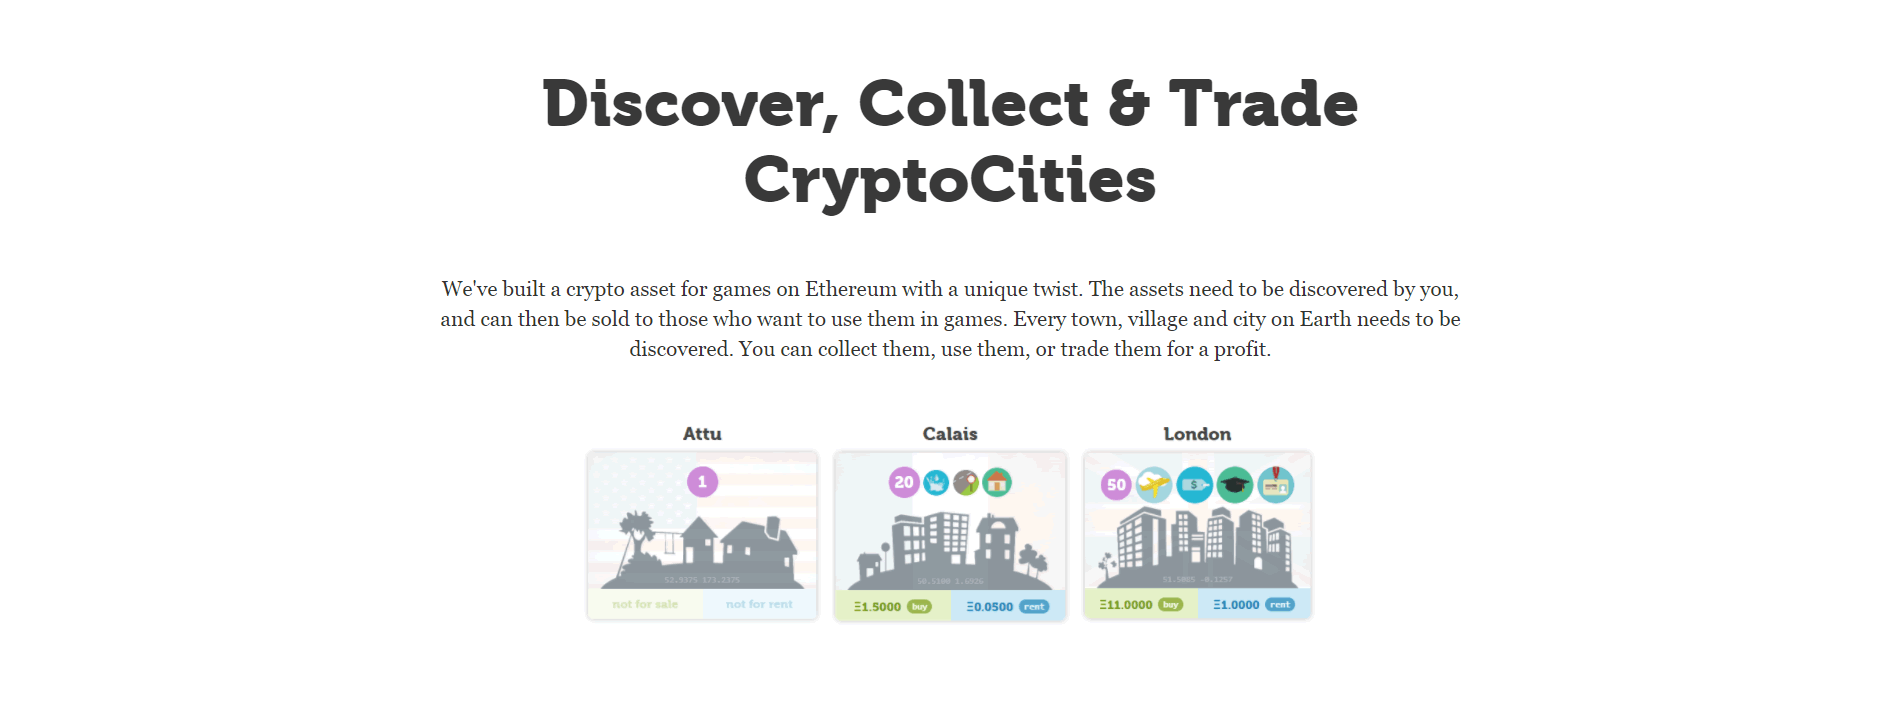 イーサリアム×モノポリー?DApps「CryptoCities(クリプトシティーズ)」の特徴や遊び方は?